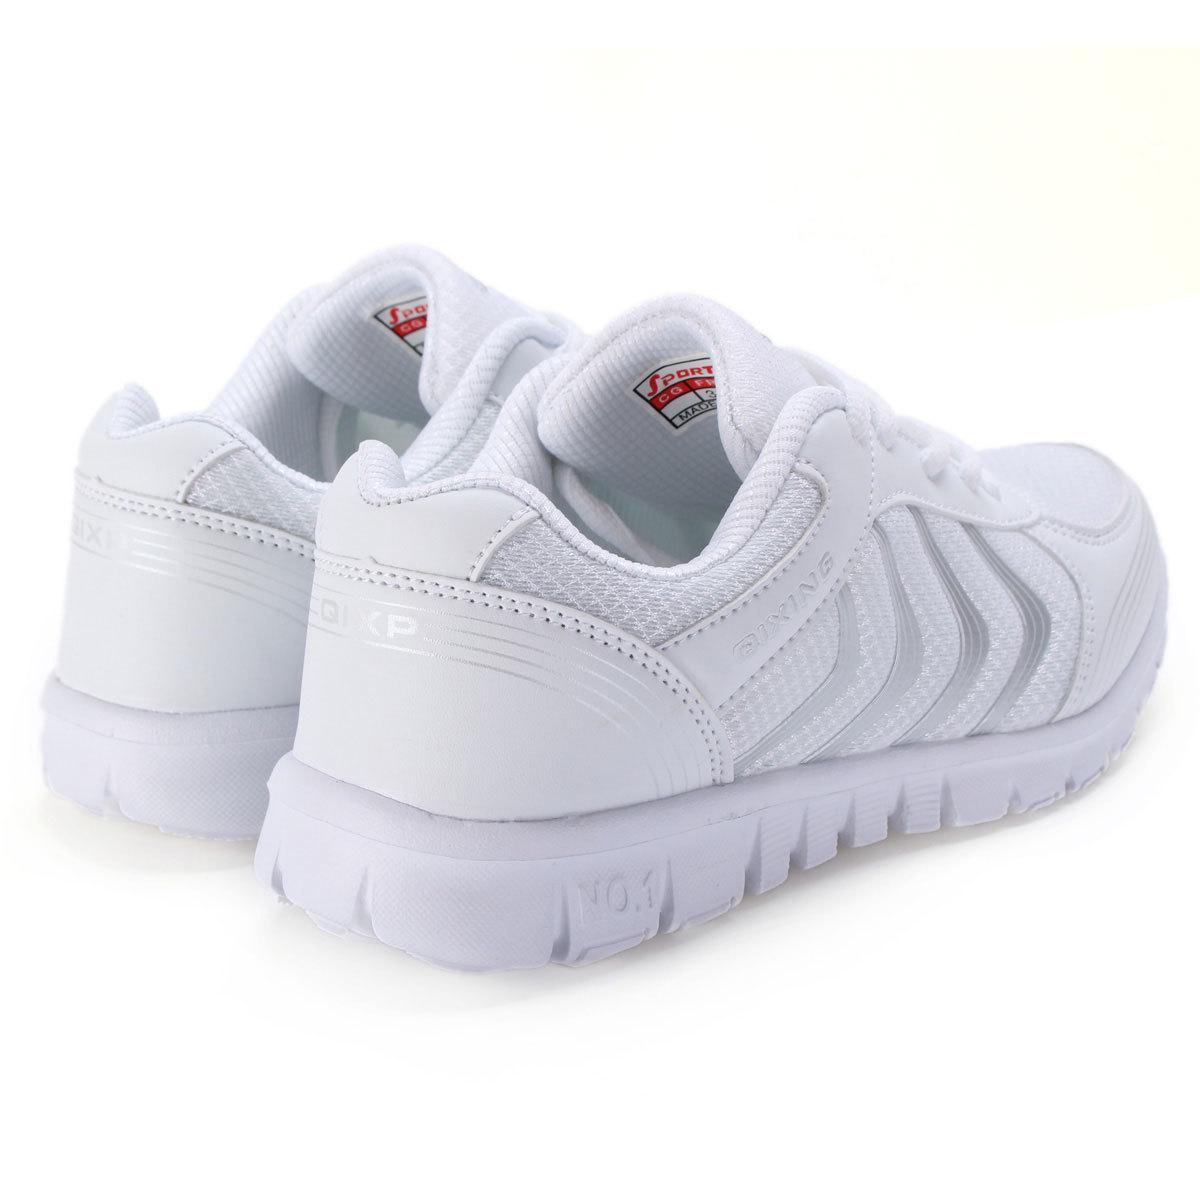 Spesifikasi New Perempuan Pelatih Lari Sepatu Olahraga Sepatu Fashion Untuk Menyerap Guncangan Intl Murah Berkualitas